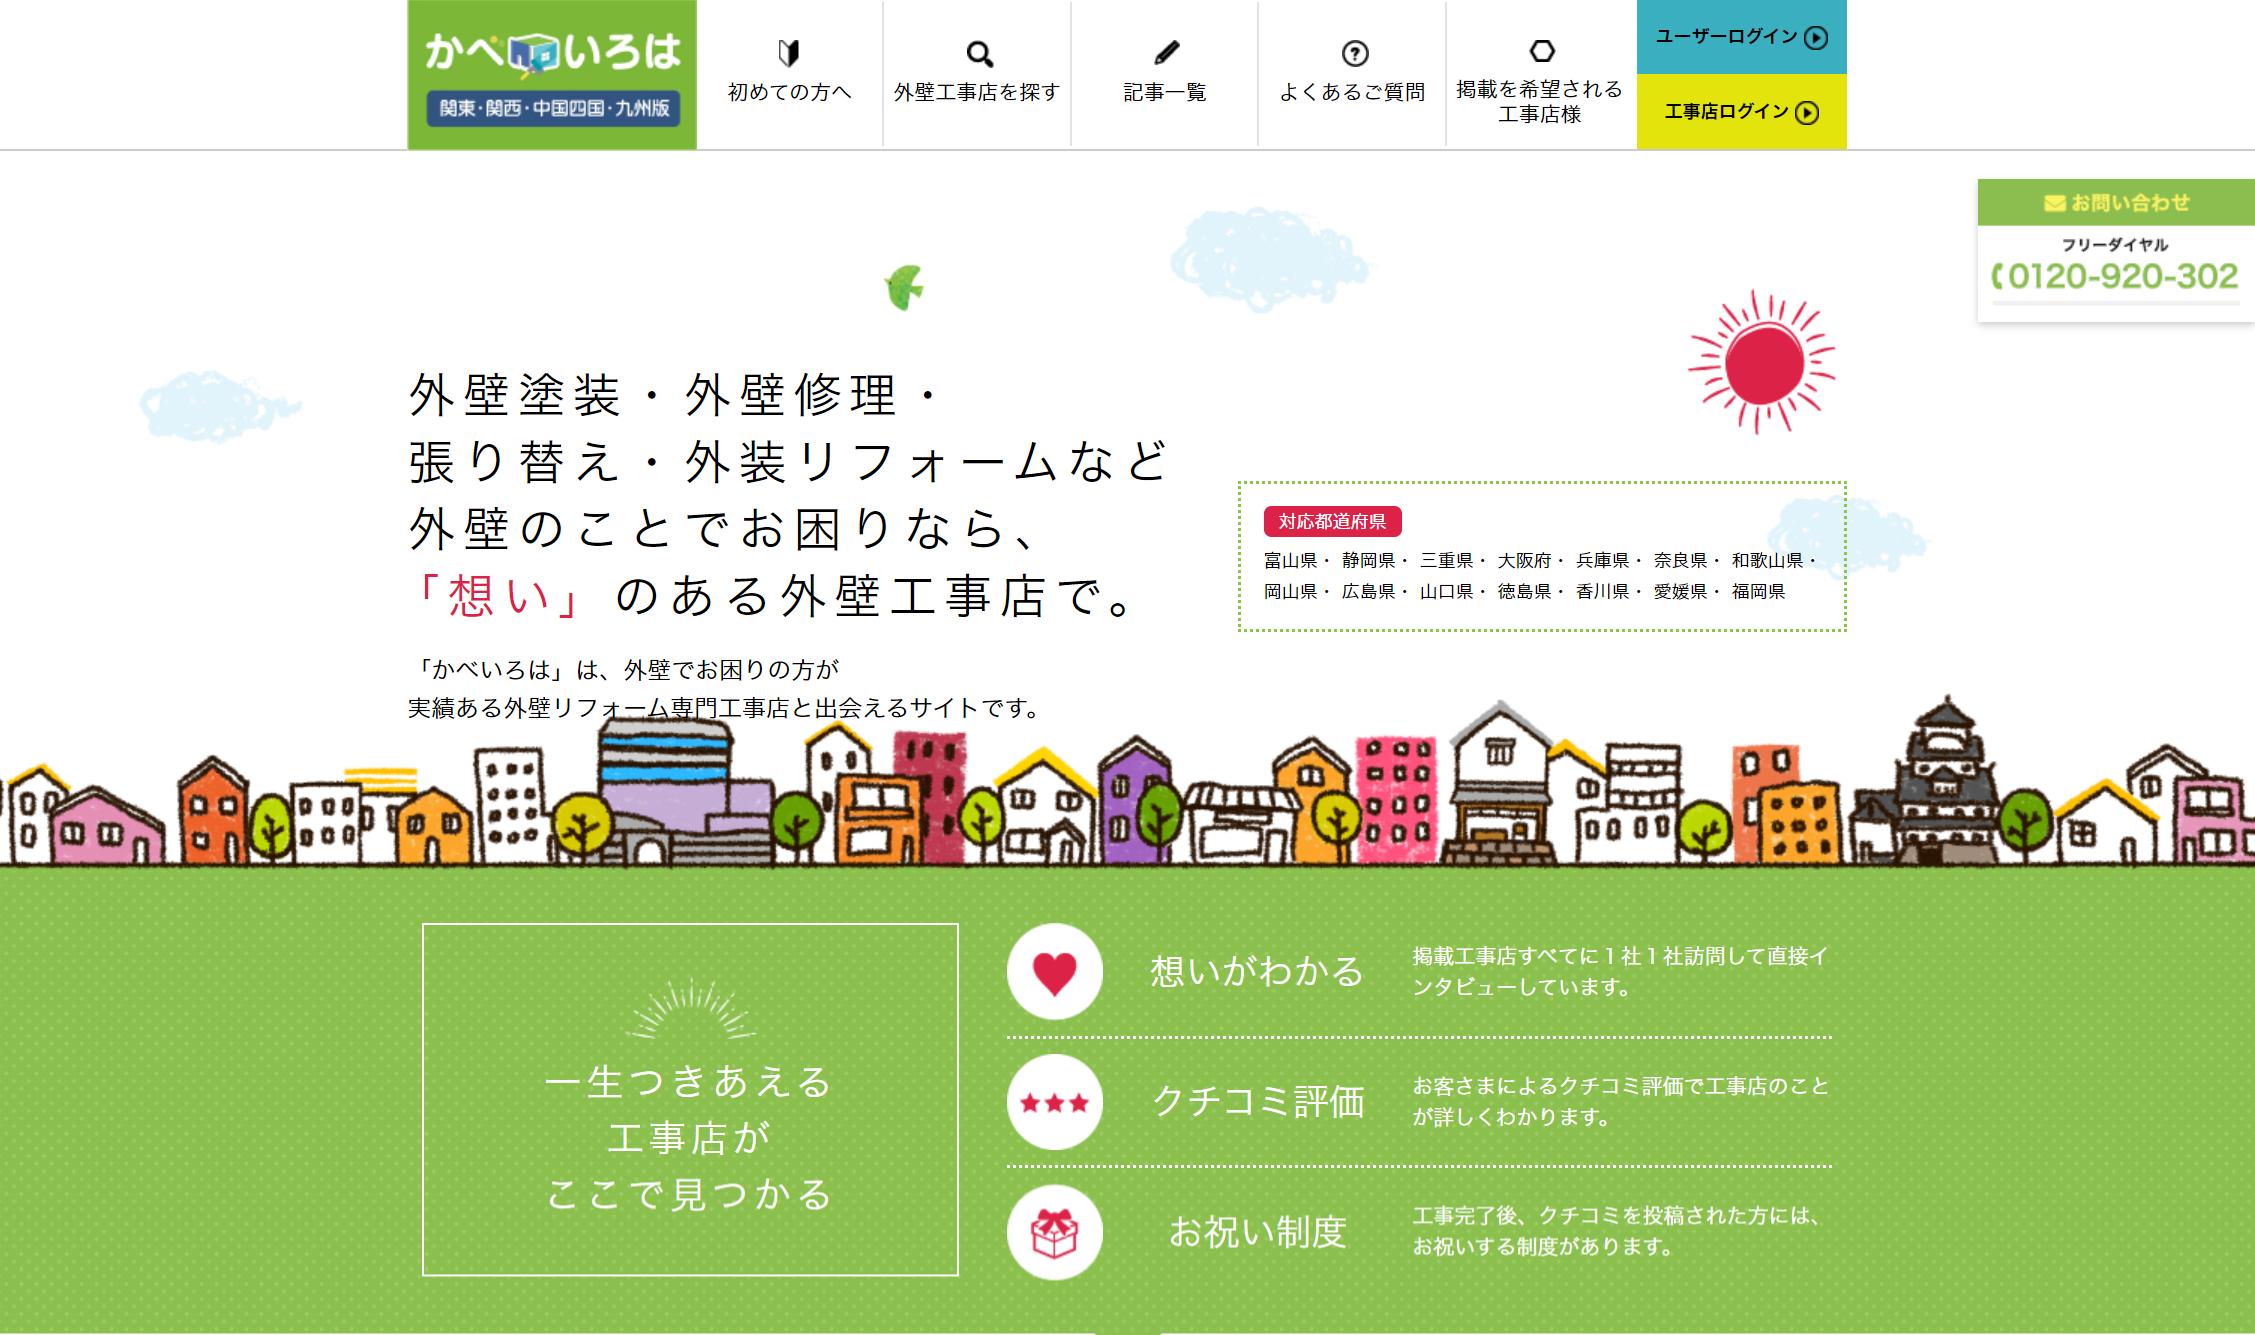 徳島 文理 大学 ポータル サイト